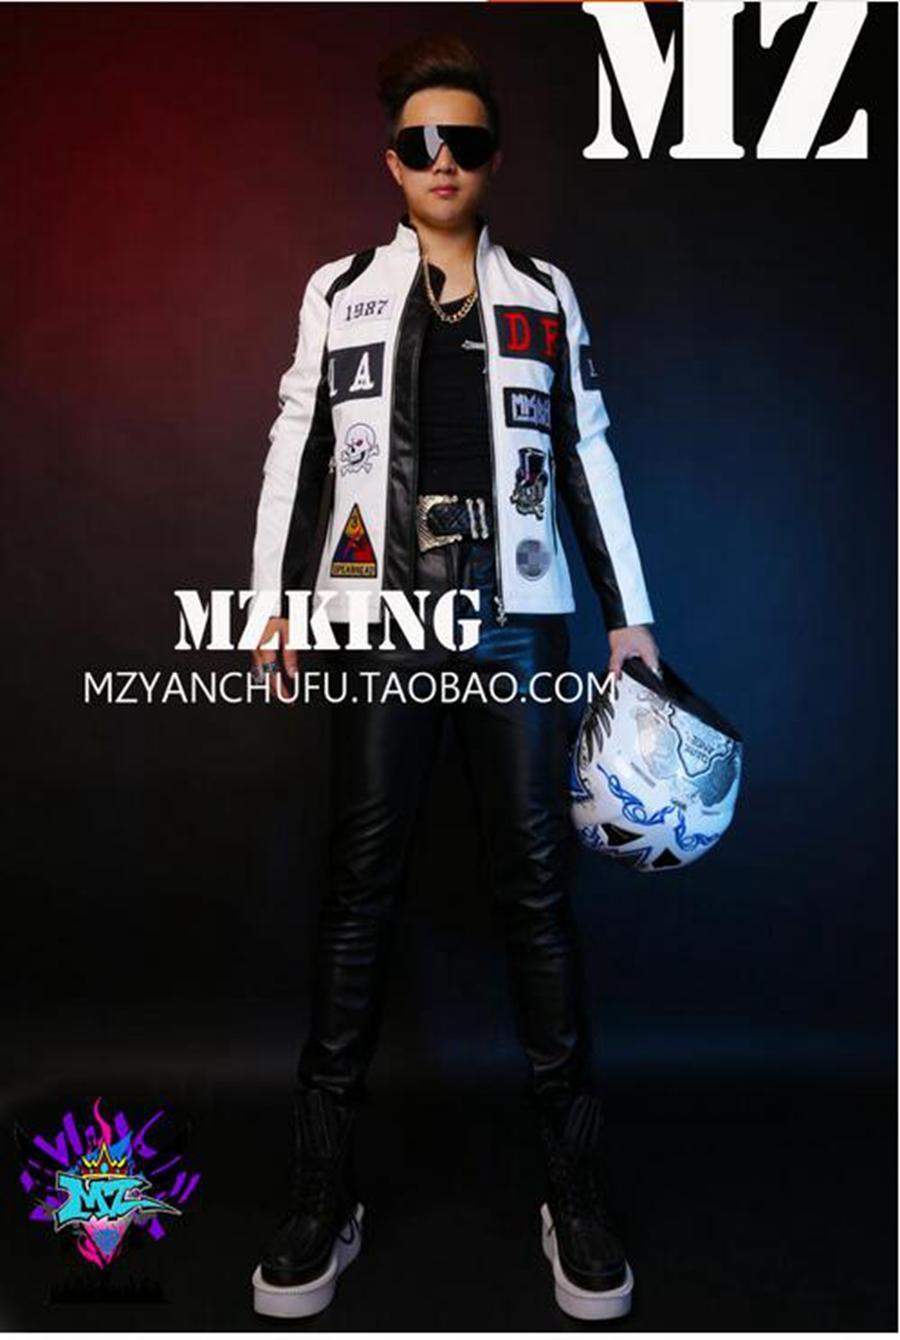 المغني الذكور هان طبعة الأزياء النادي في أوروبا والممر يبدو الأزياء أبيض وأسود جلد الفسيفساء. S - 6 xl